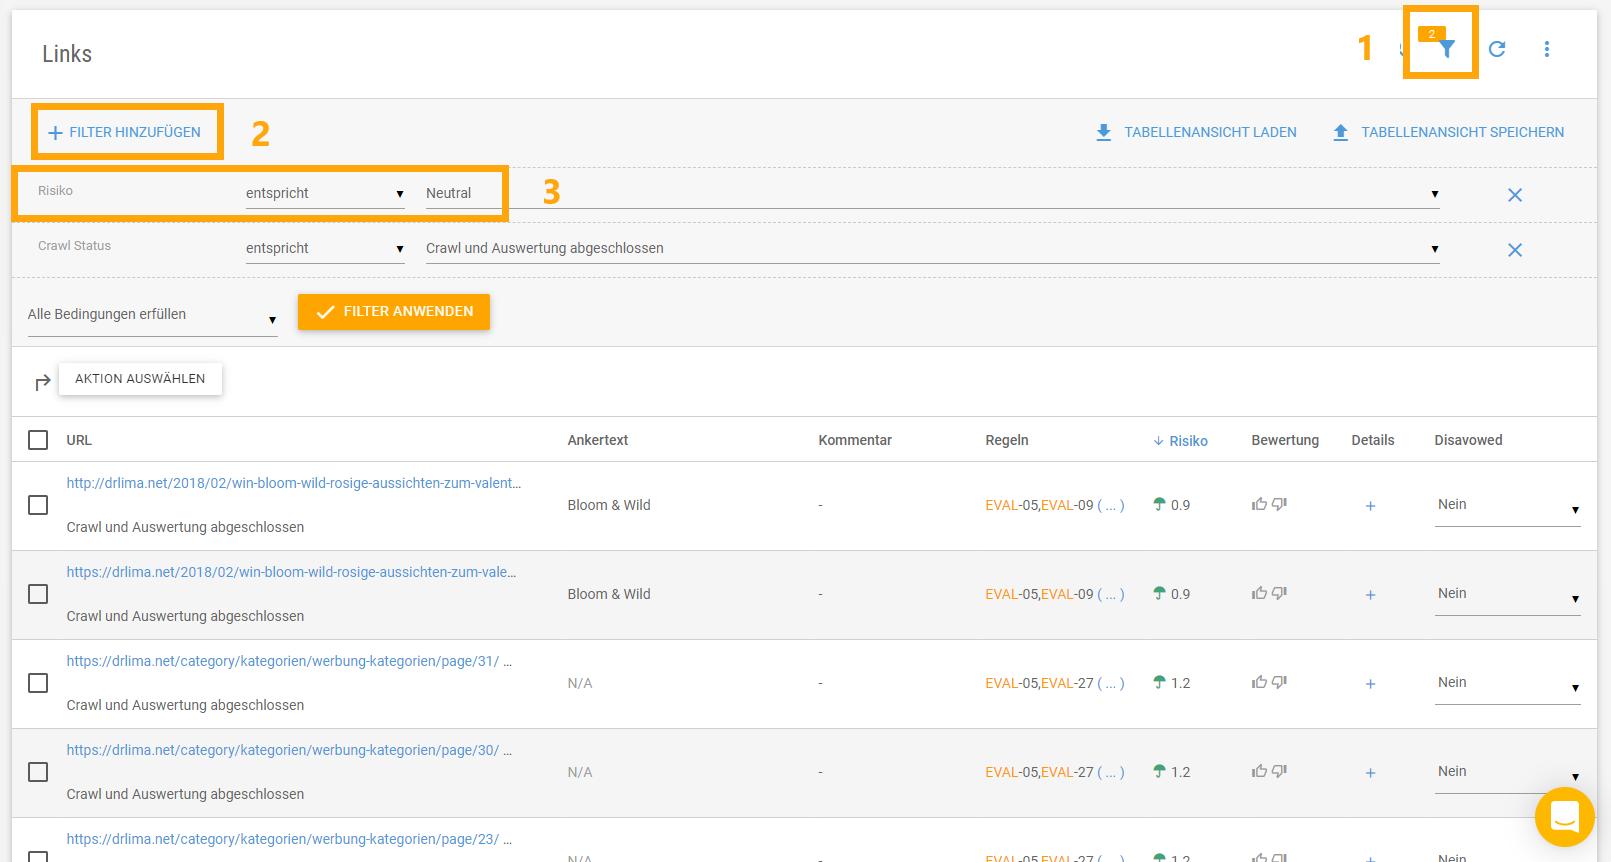 Filtern der Backlinks einer Domain nach neutralen Backlinks